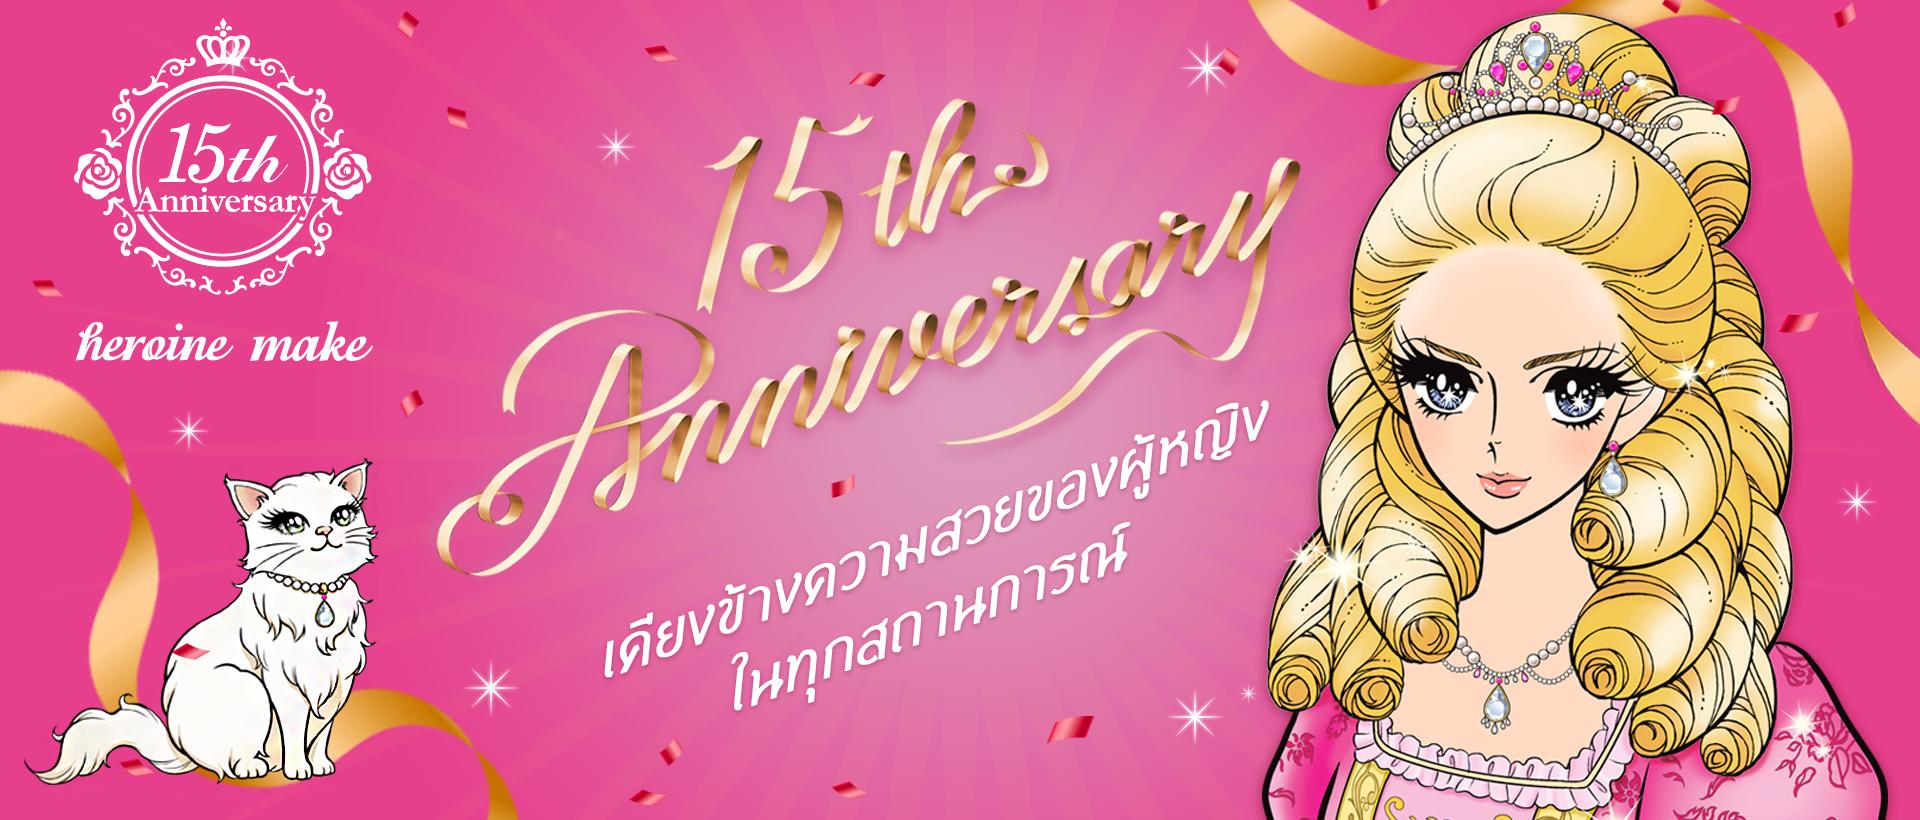 Heroine Make 15th Anniversary